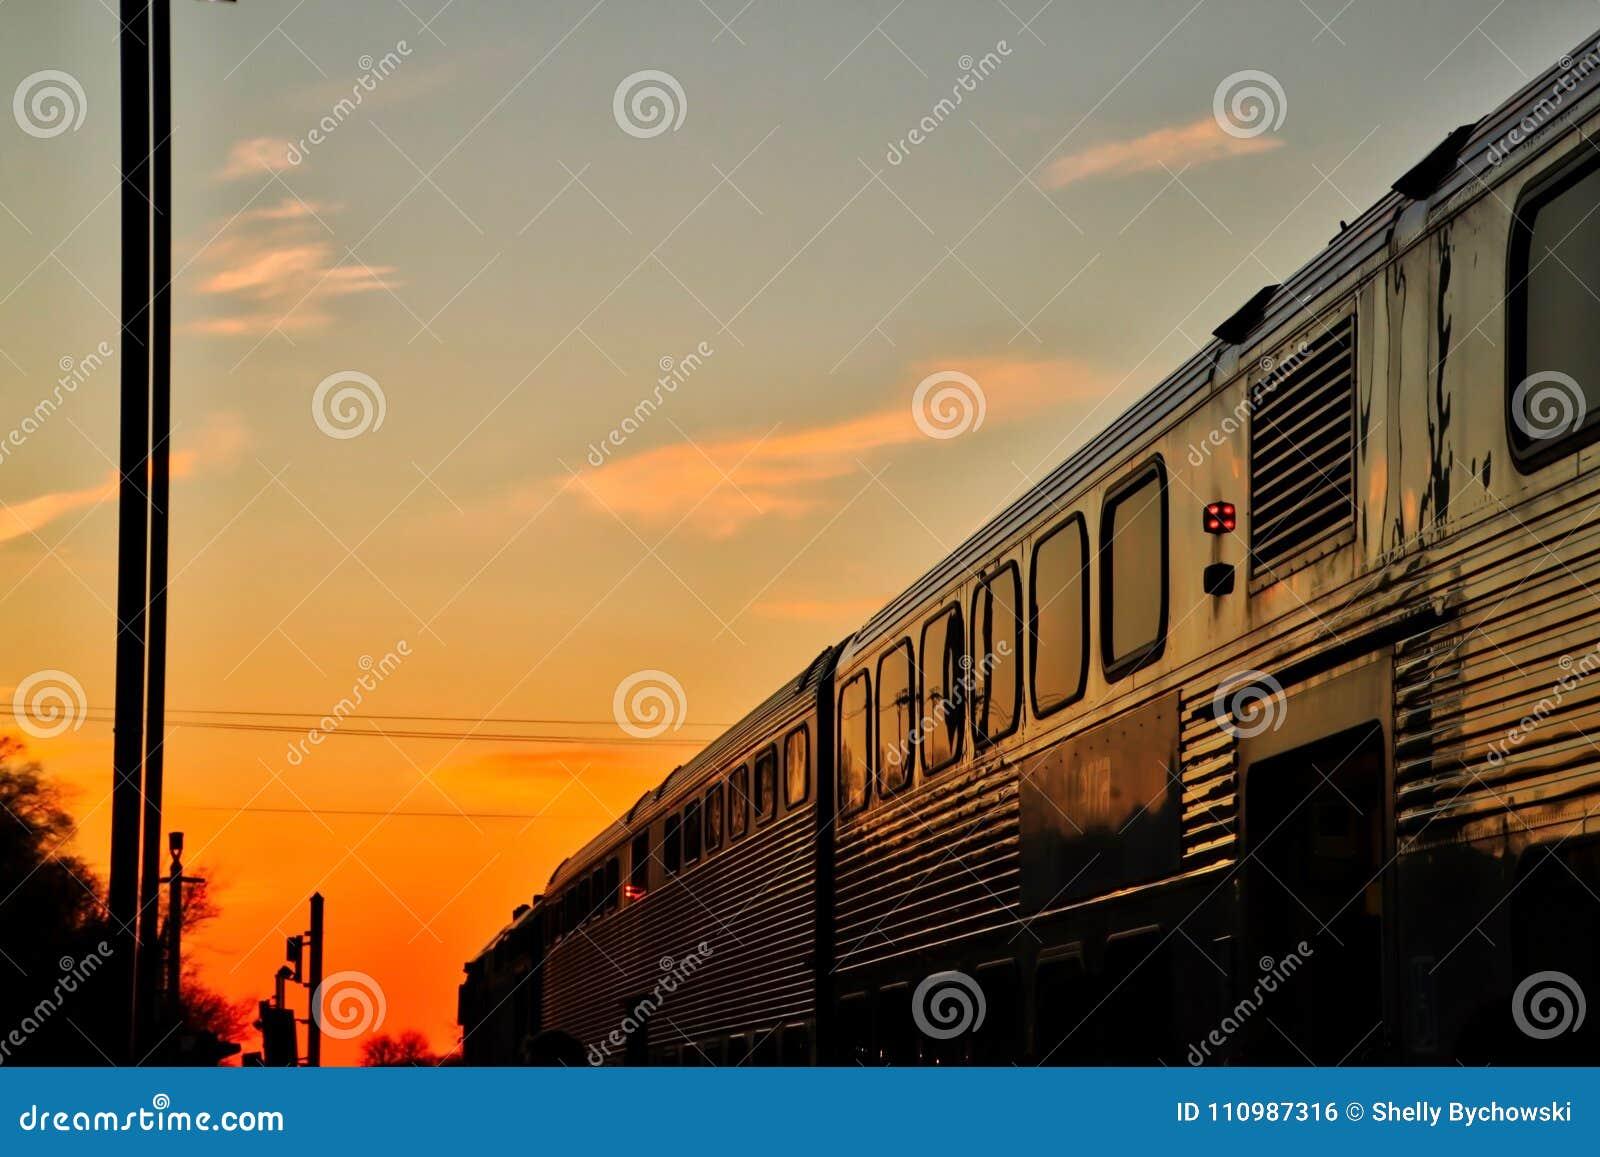 De reizen van de Metratrein in de zonsondergang begin een recente de winterdag